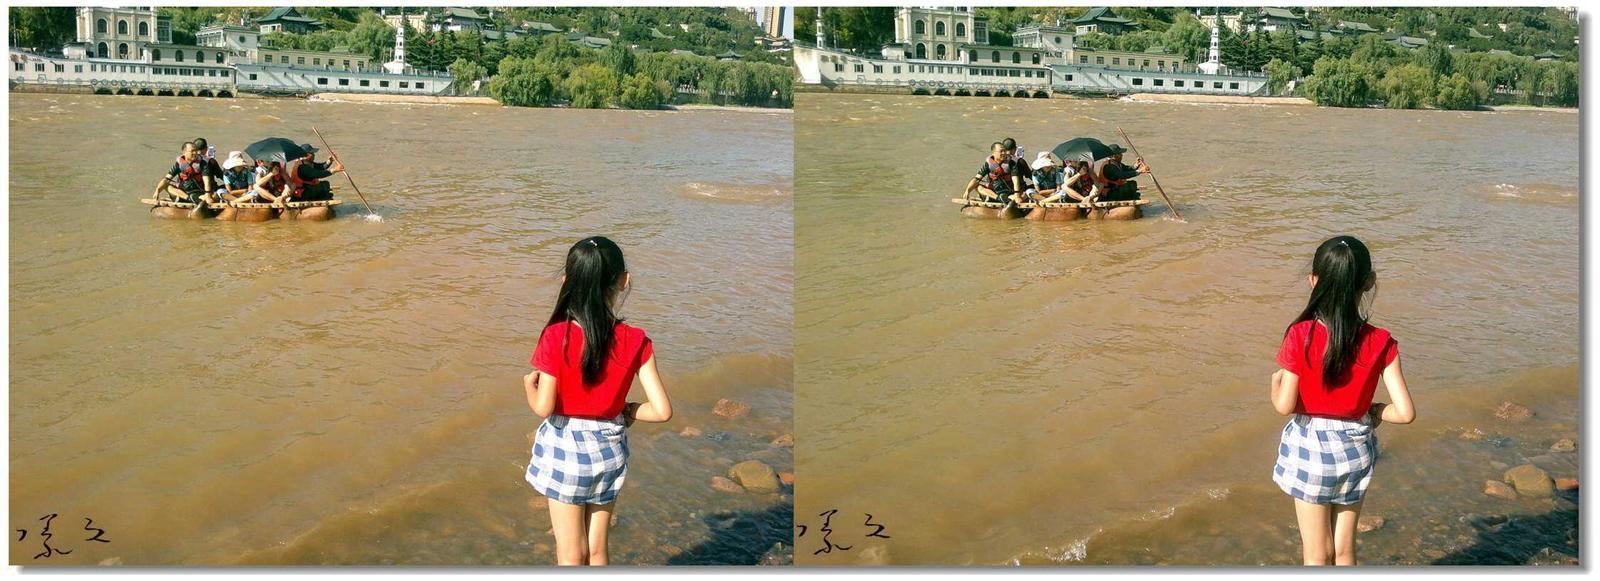 【原创】河边、女孩、羊皮筏... 3